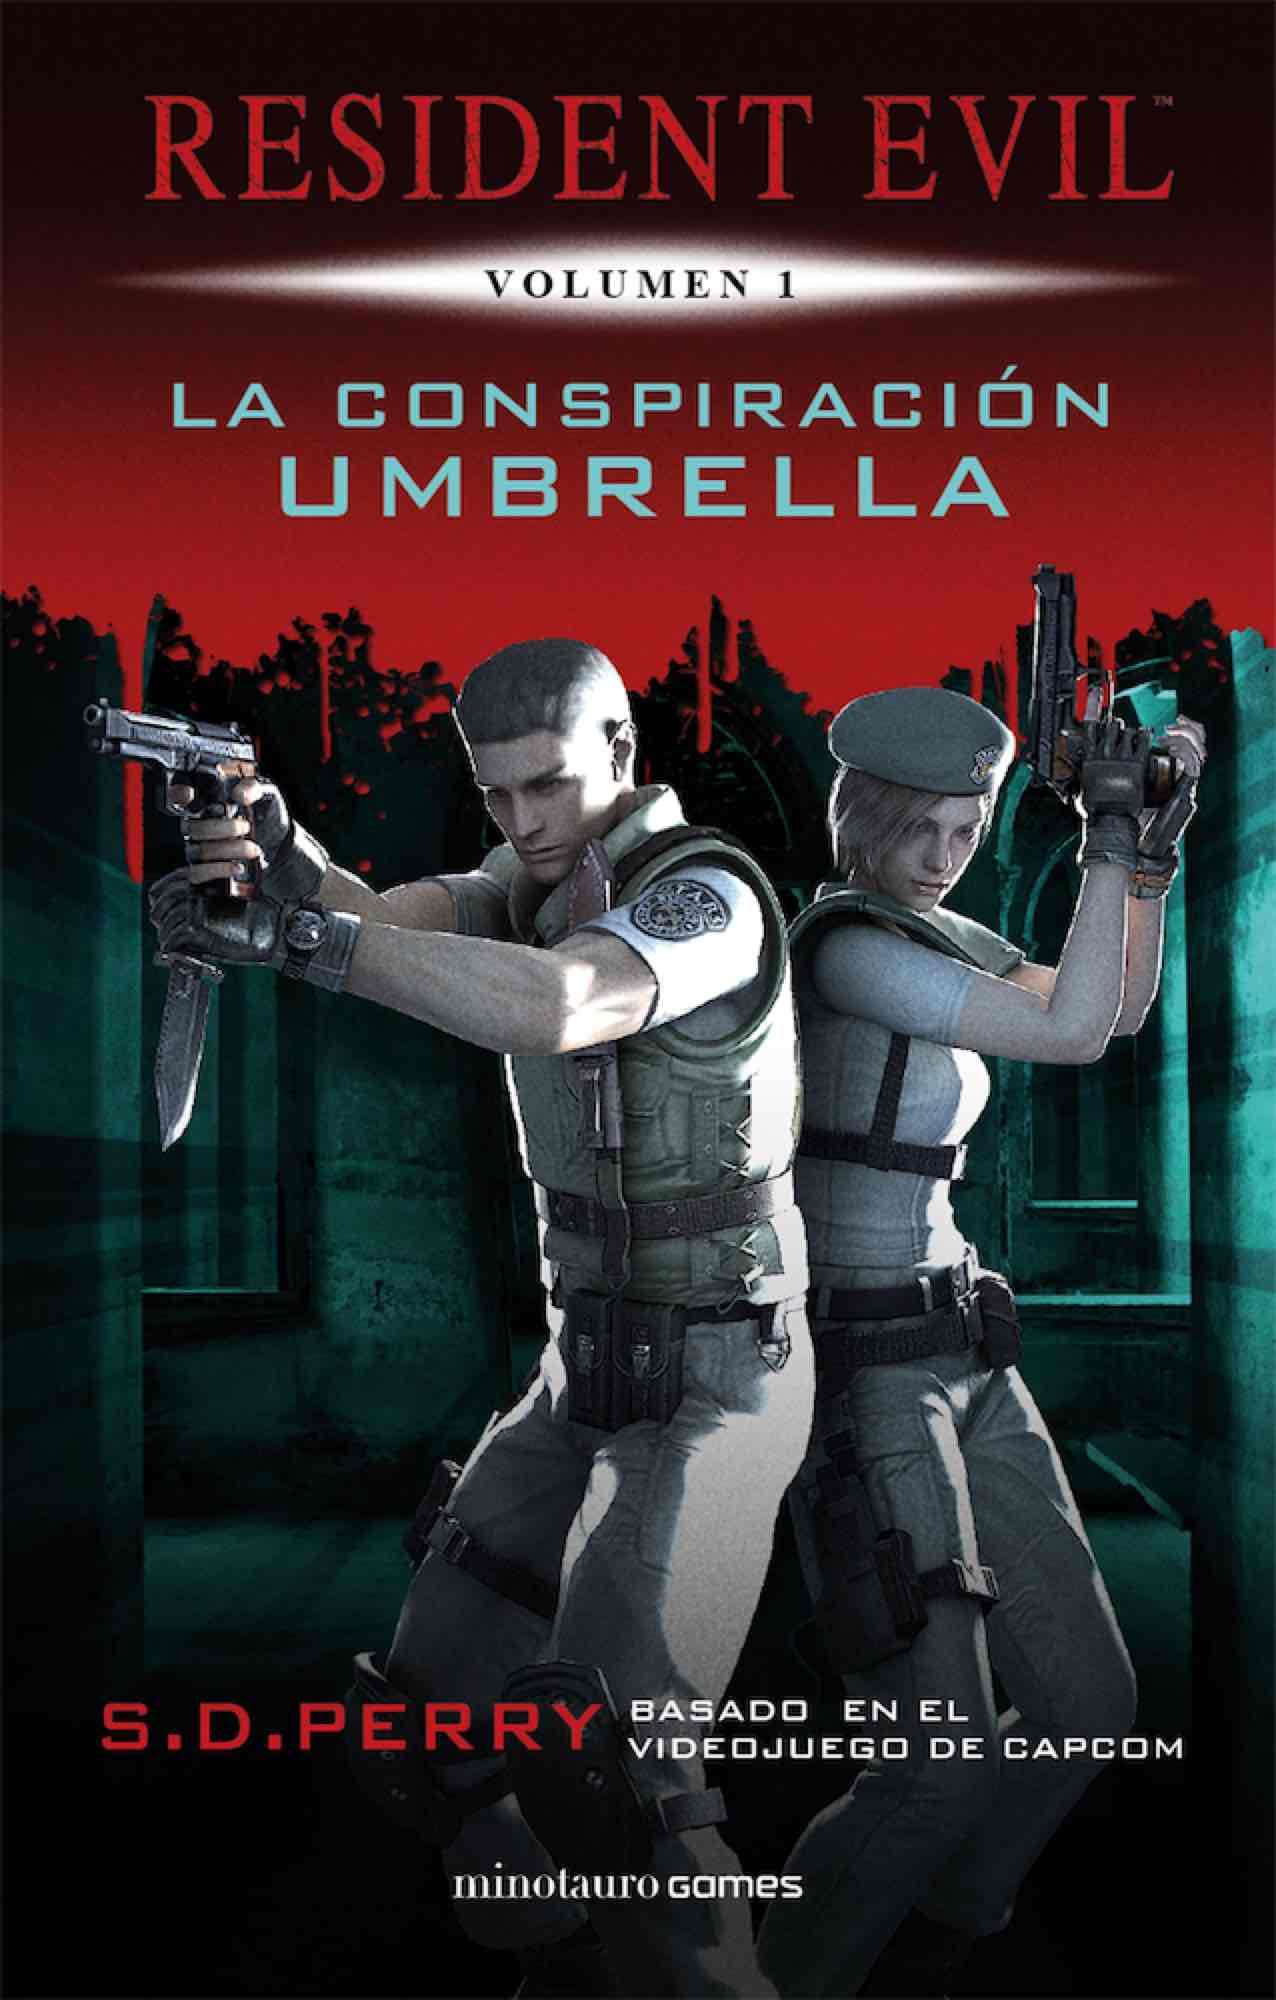 LA CONSPIRACION UMBRELLA (RESIDENT EVIL 01)